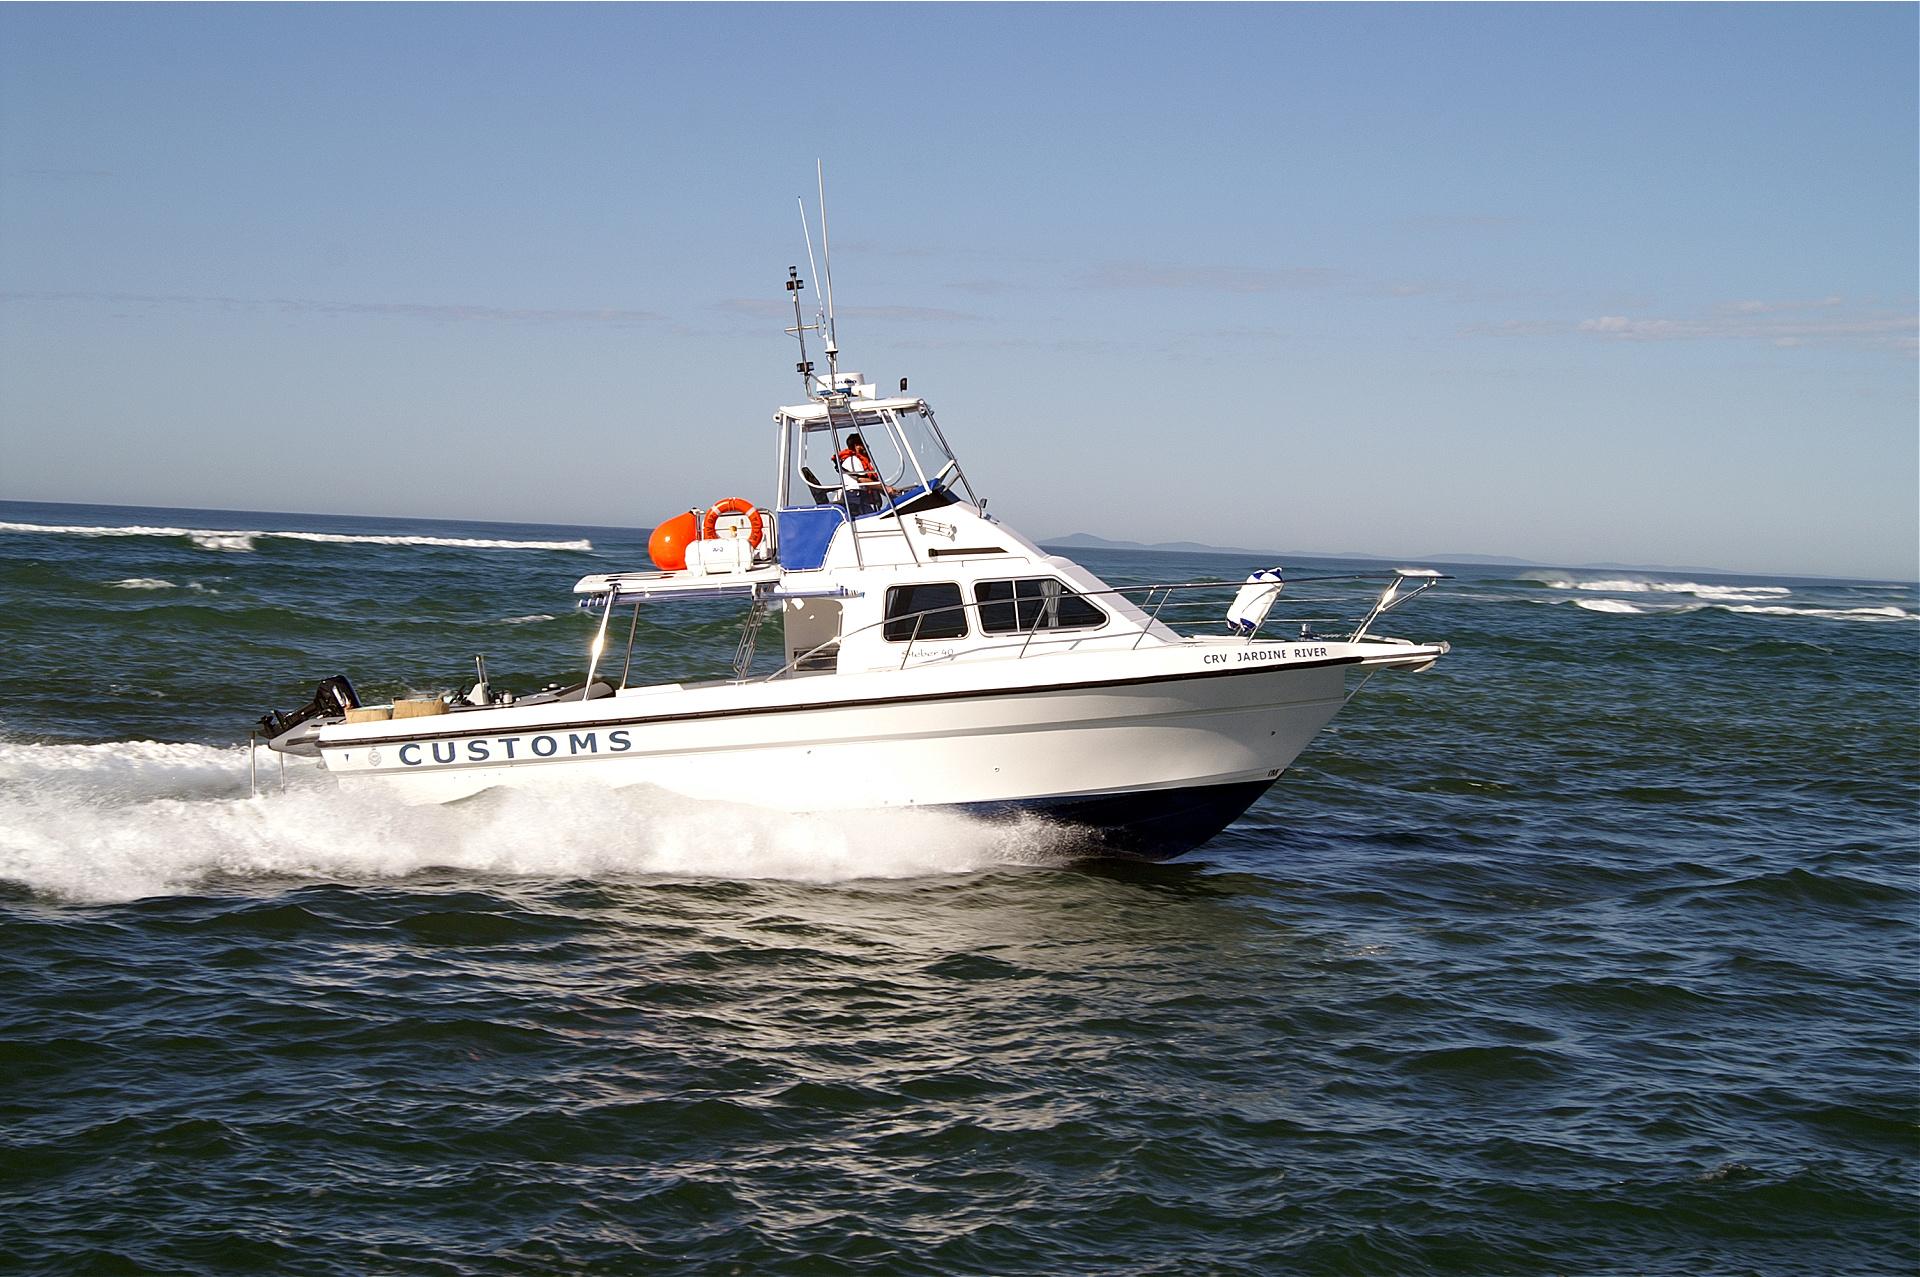 Steber Border Force 40 ft Customs Vessel